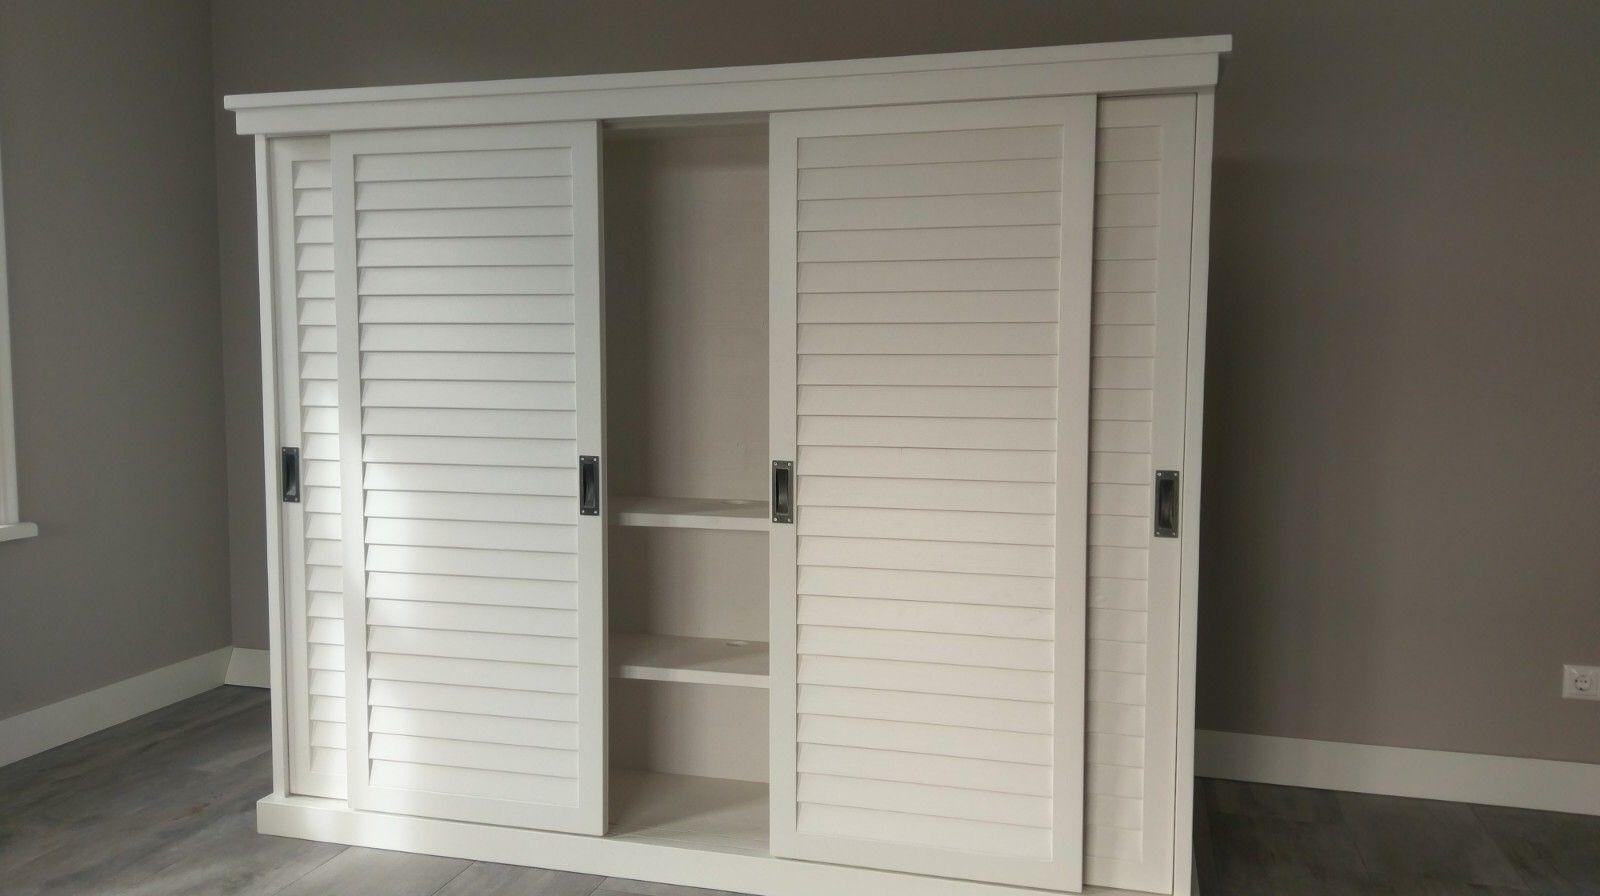 Slaapkamer Kast Schuifdeuren : Prachtige witte kast met schuifdeuren voor bijvoorbeeld een